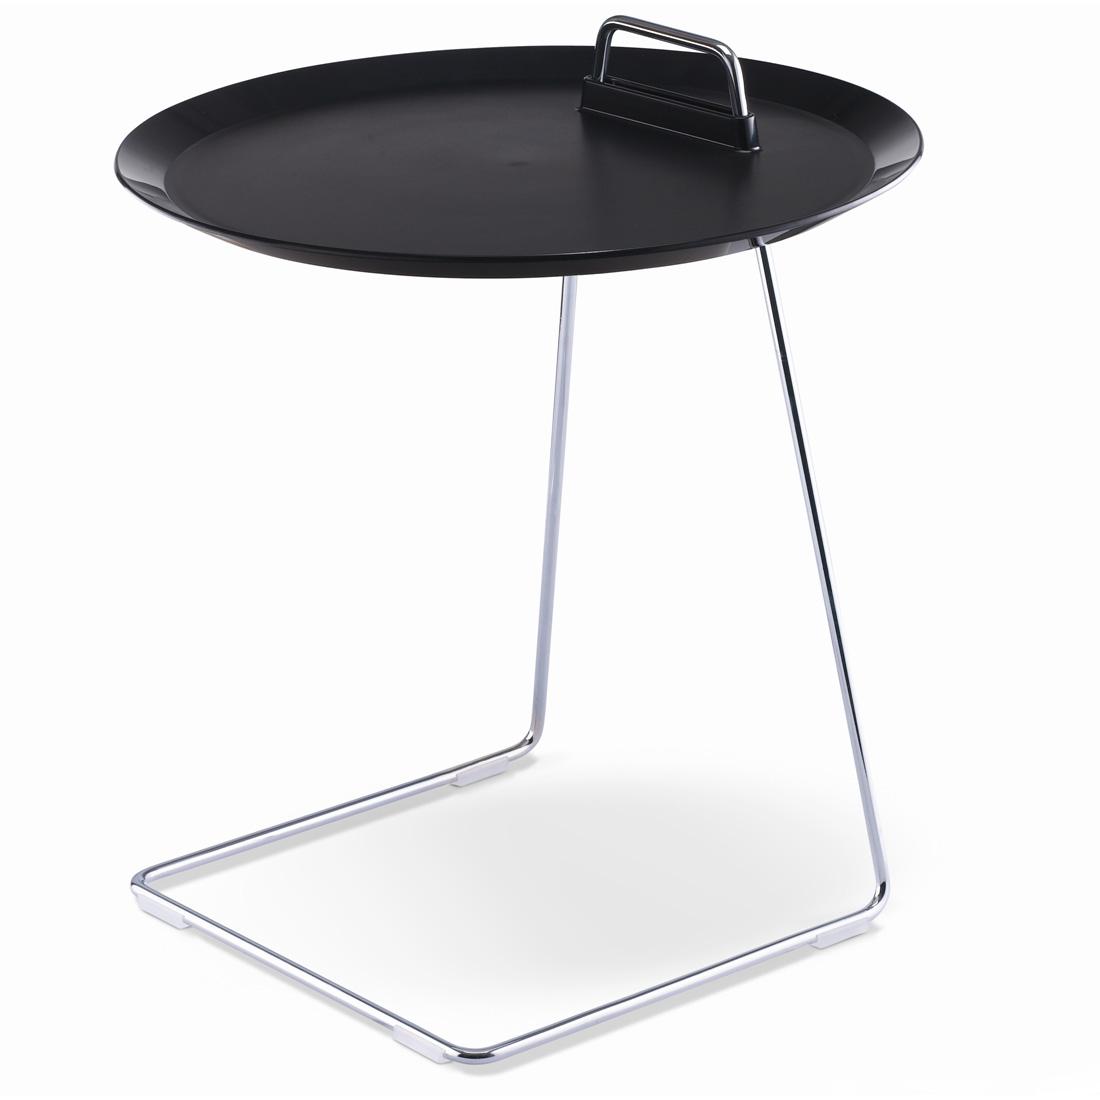 porter beistelltisch anthrazit schwarz studio domo tisch tablett abnehmbar. Black Bedroom Furniture Sets. Home Design Ideas